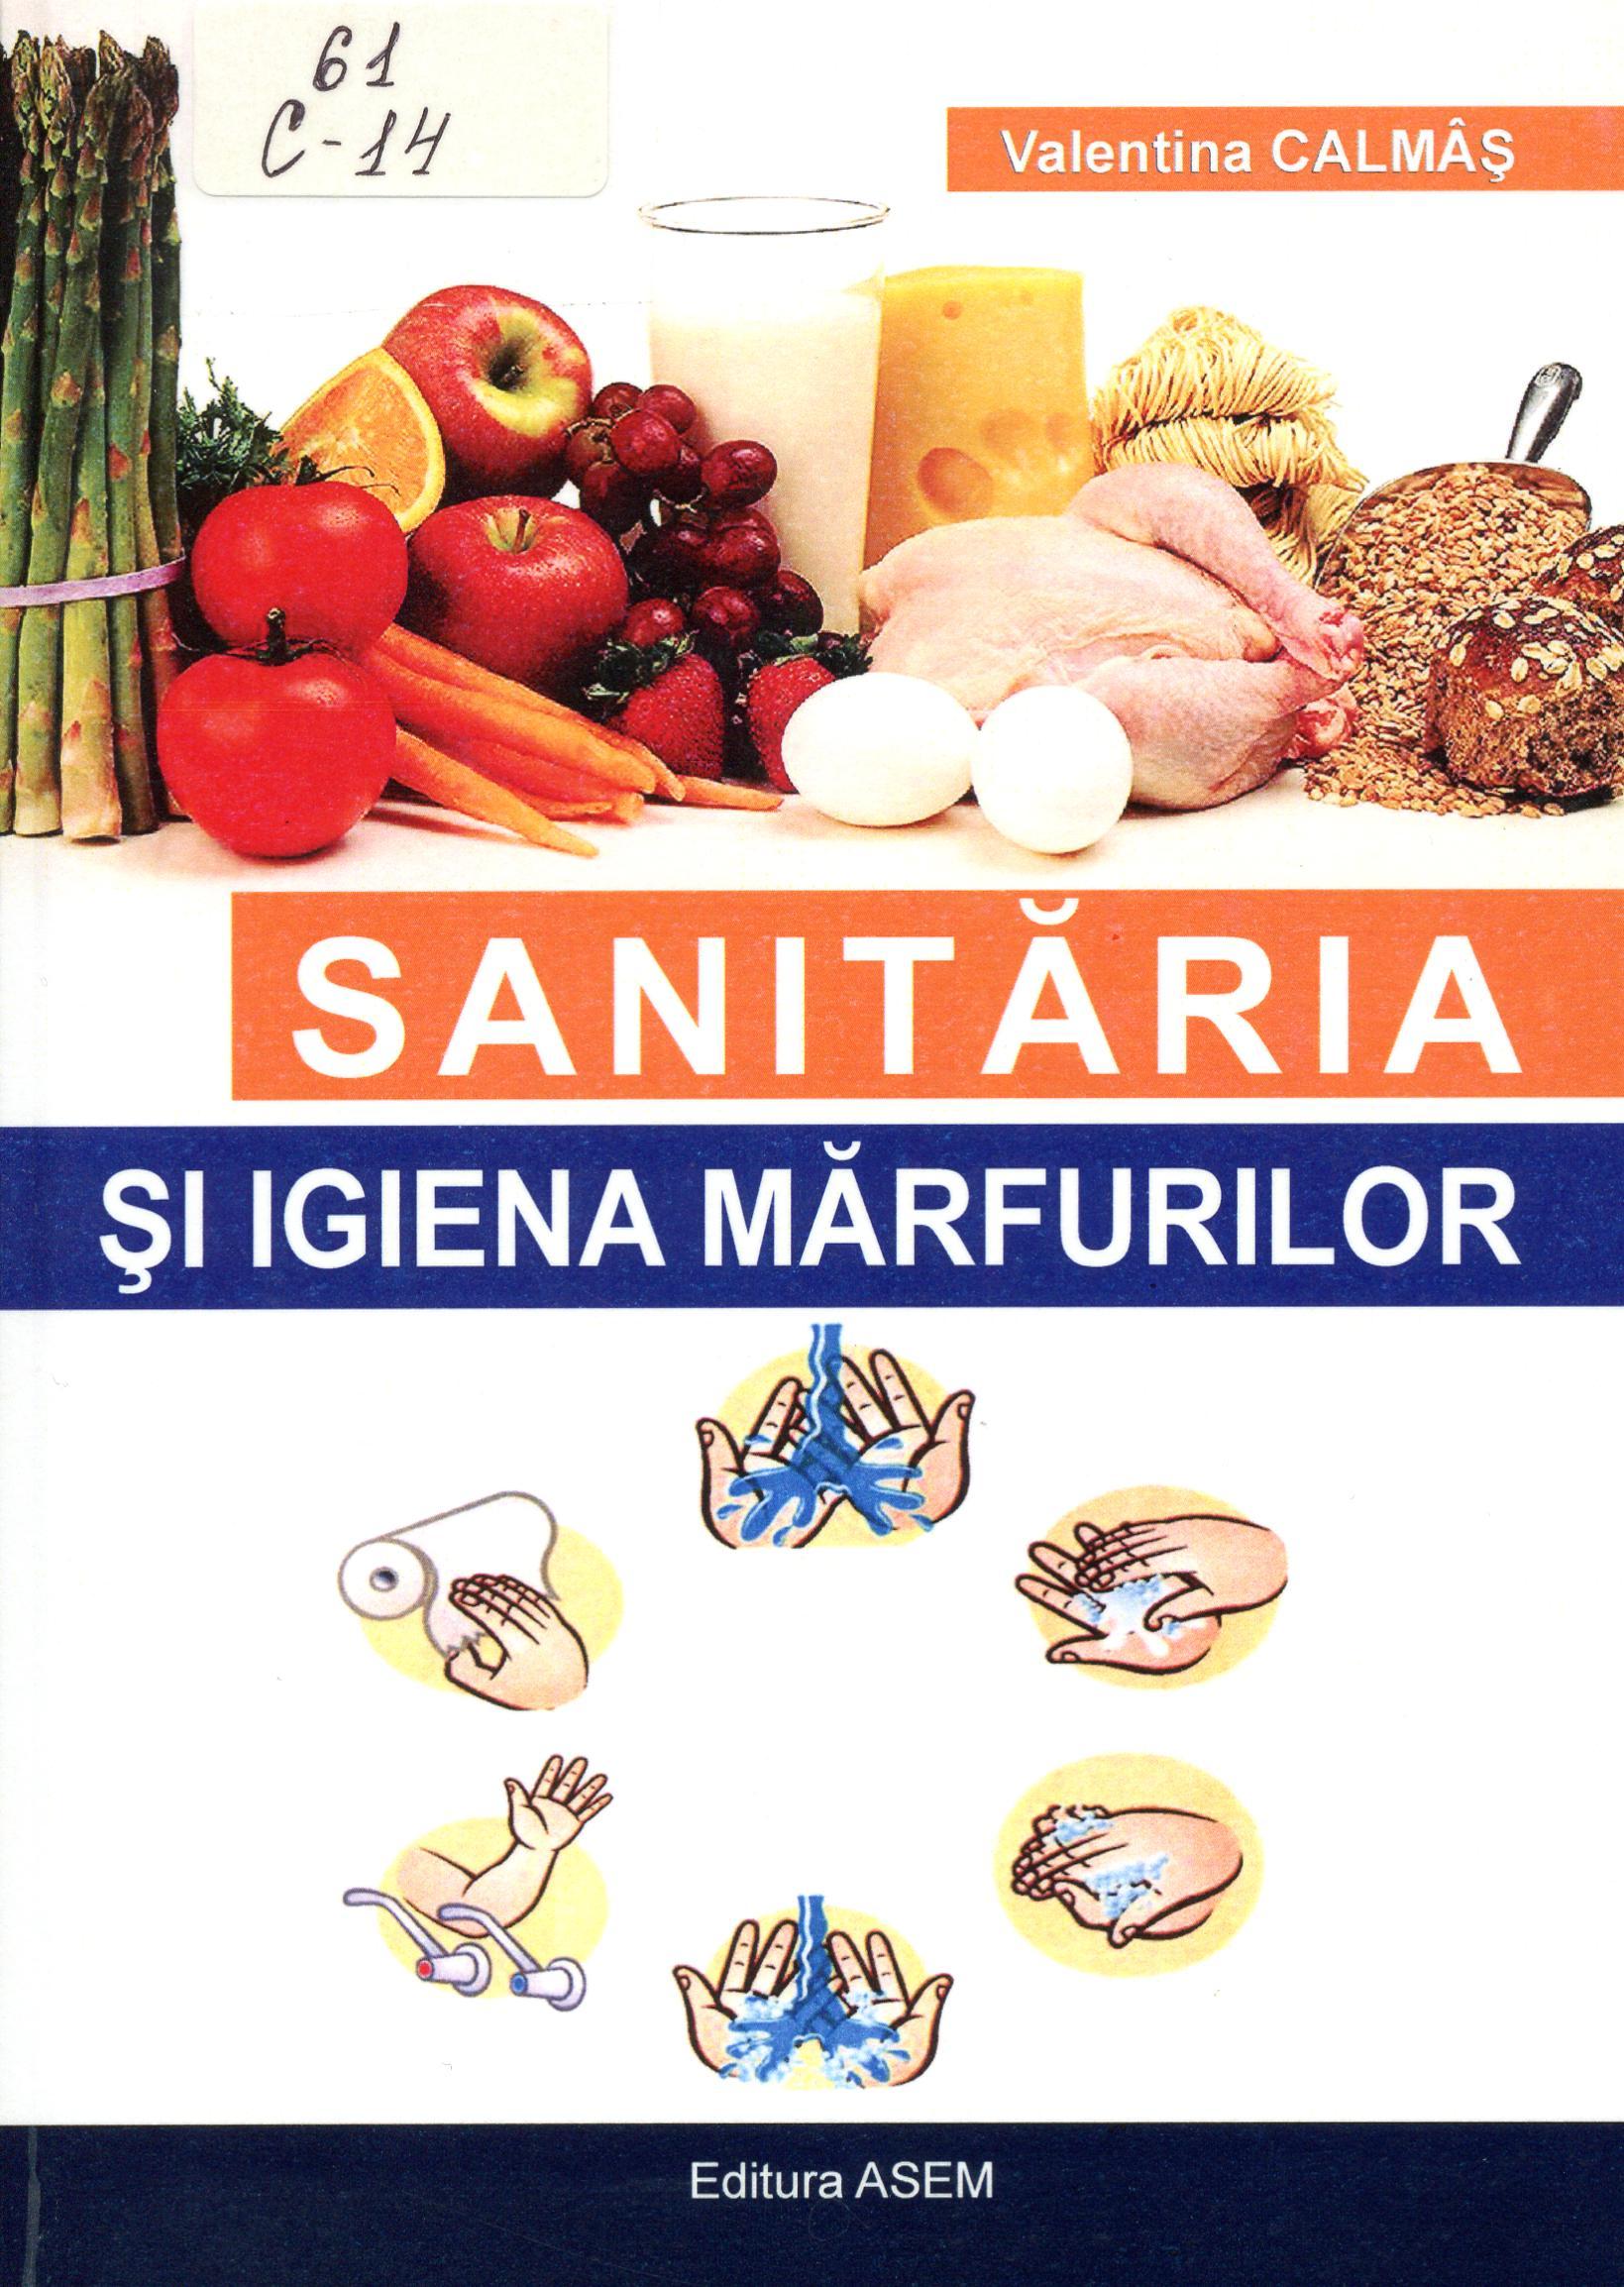 Sanităria și igiena mărfurilor